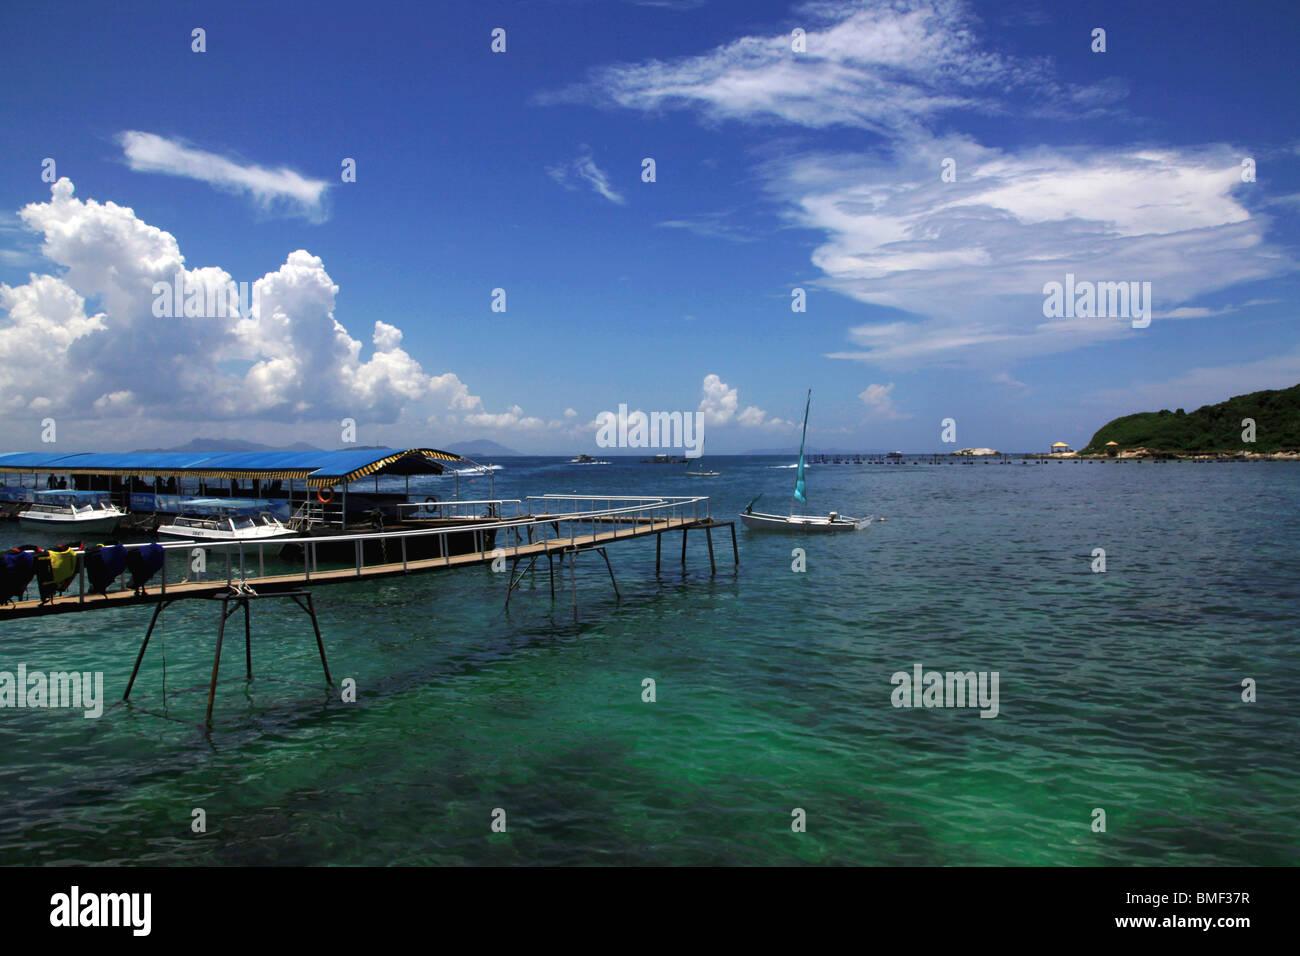 South China Sea, Sanya, Hainan Province, China Stock Photo ...